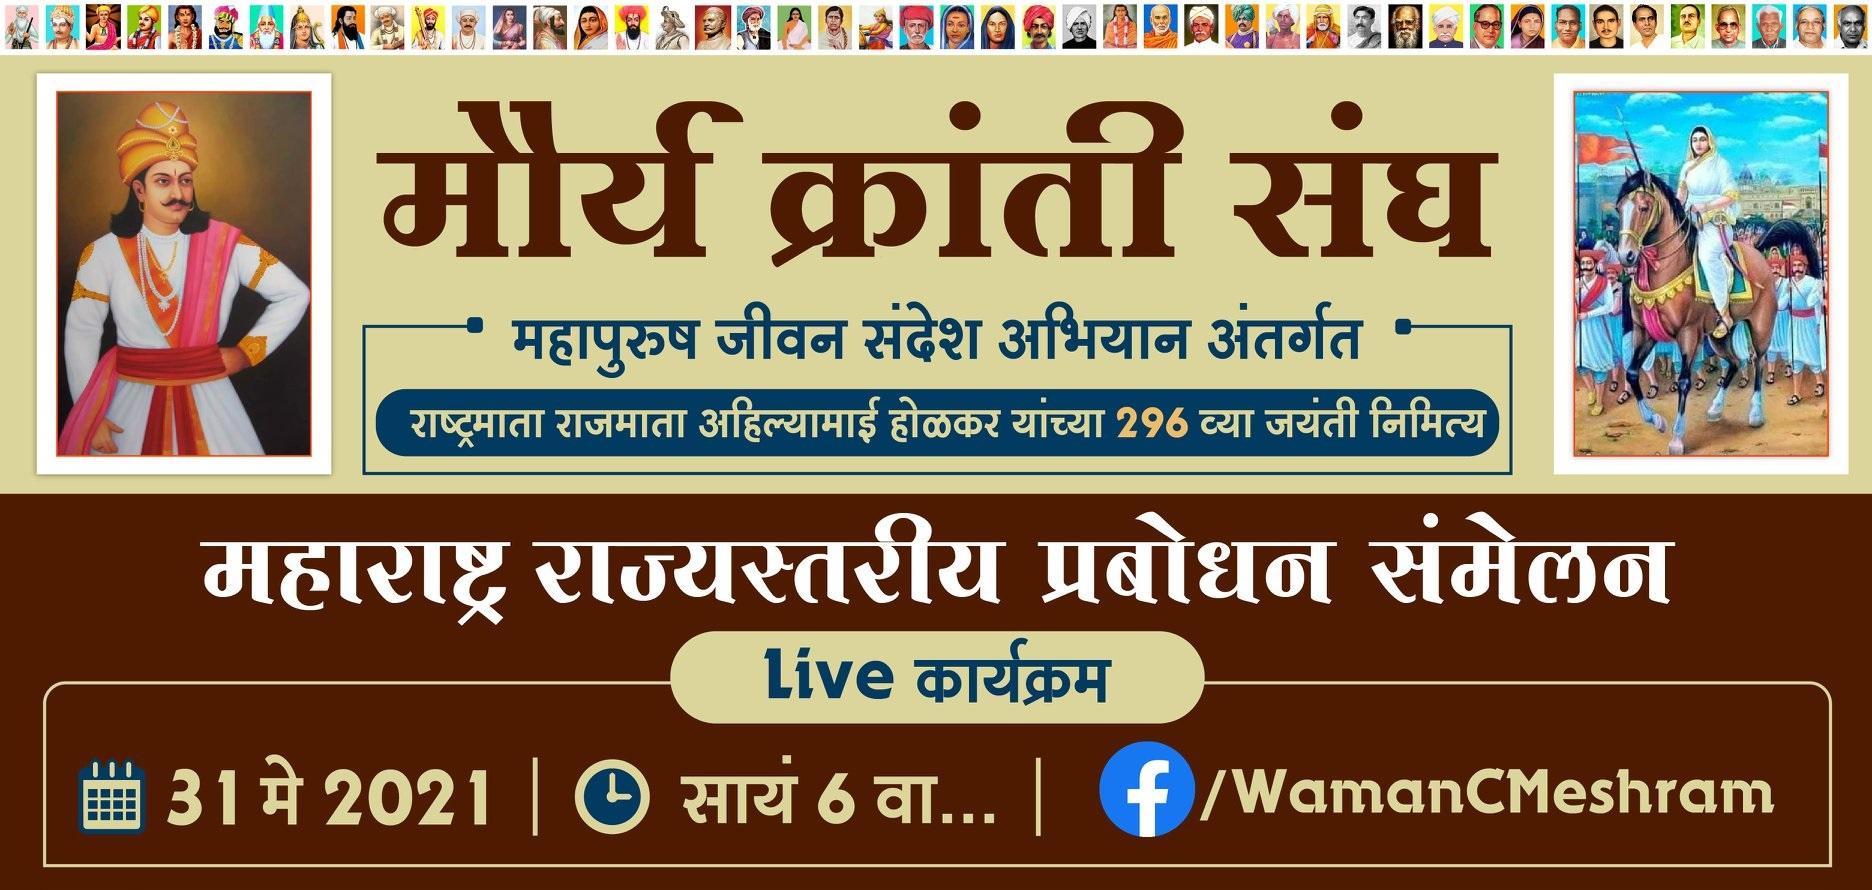 Virtual Program – Mourya Kranti Sangh Organized Rajmata Ahilyabai Holkar Jayanti Special Program.